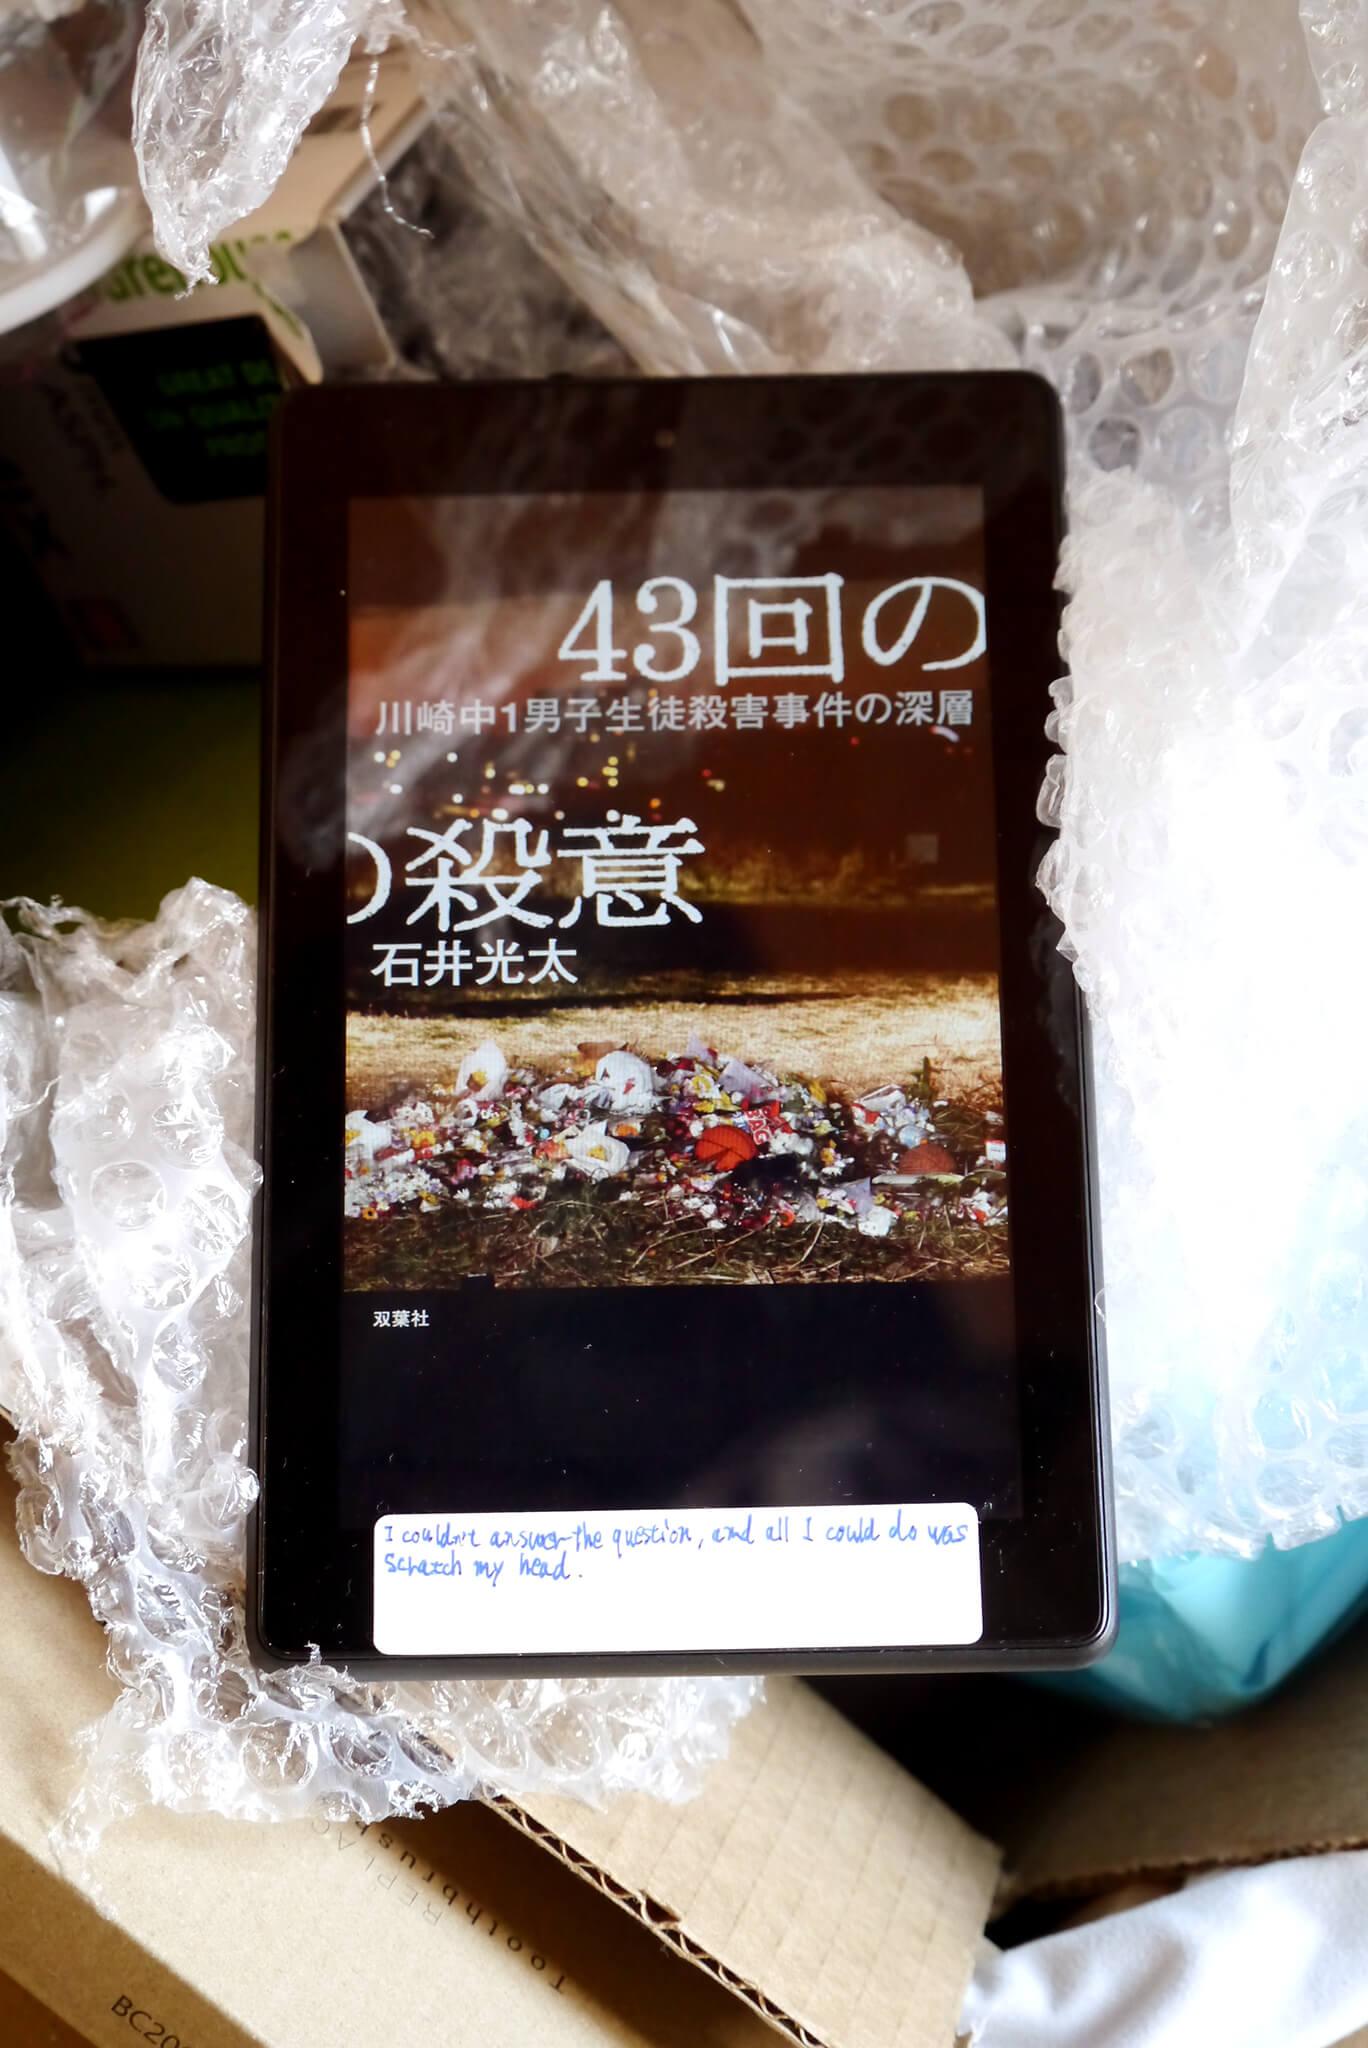 書籍43回の殺意 川崎中1男子生徒殺害事件の深層(/)」の表紙画像